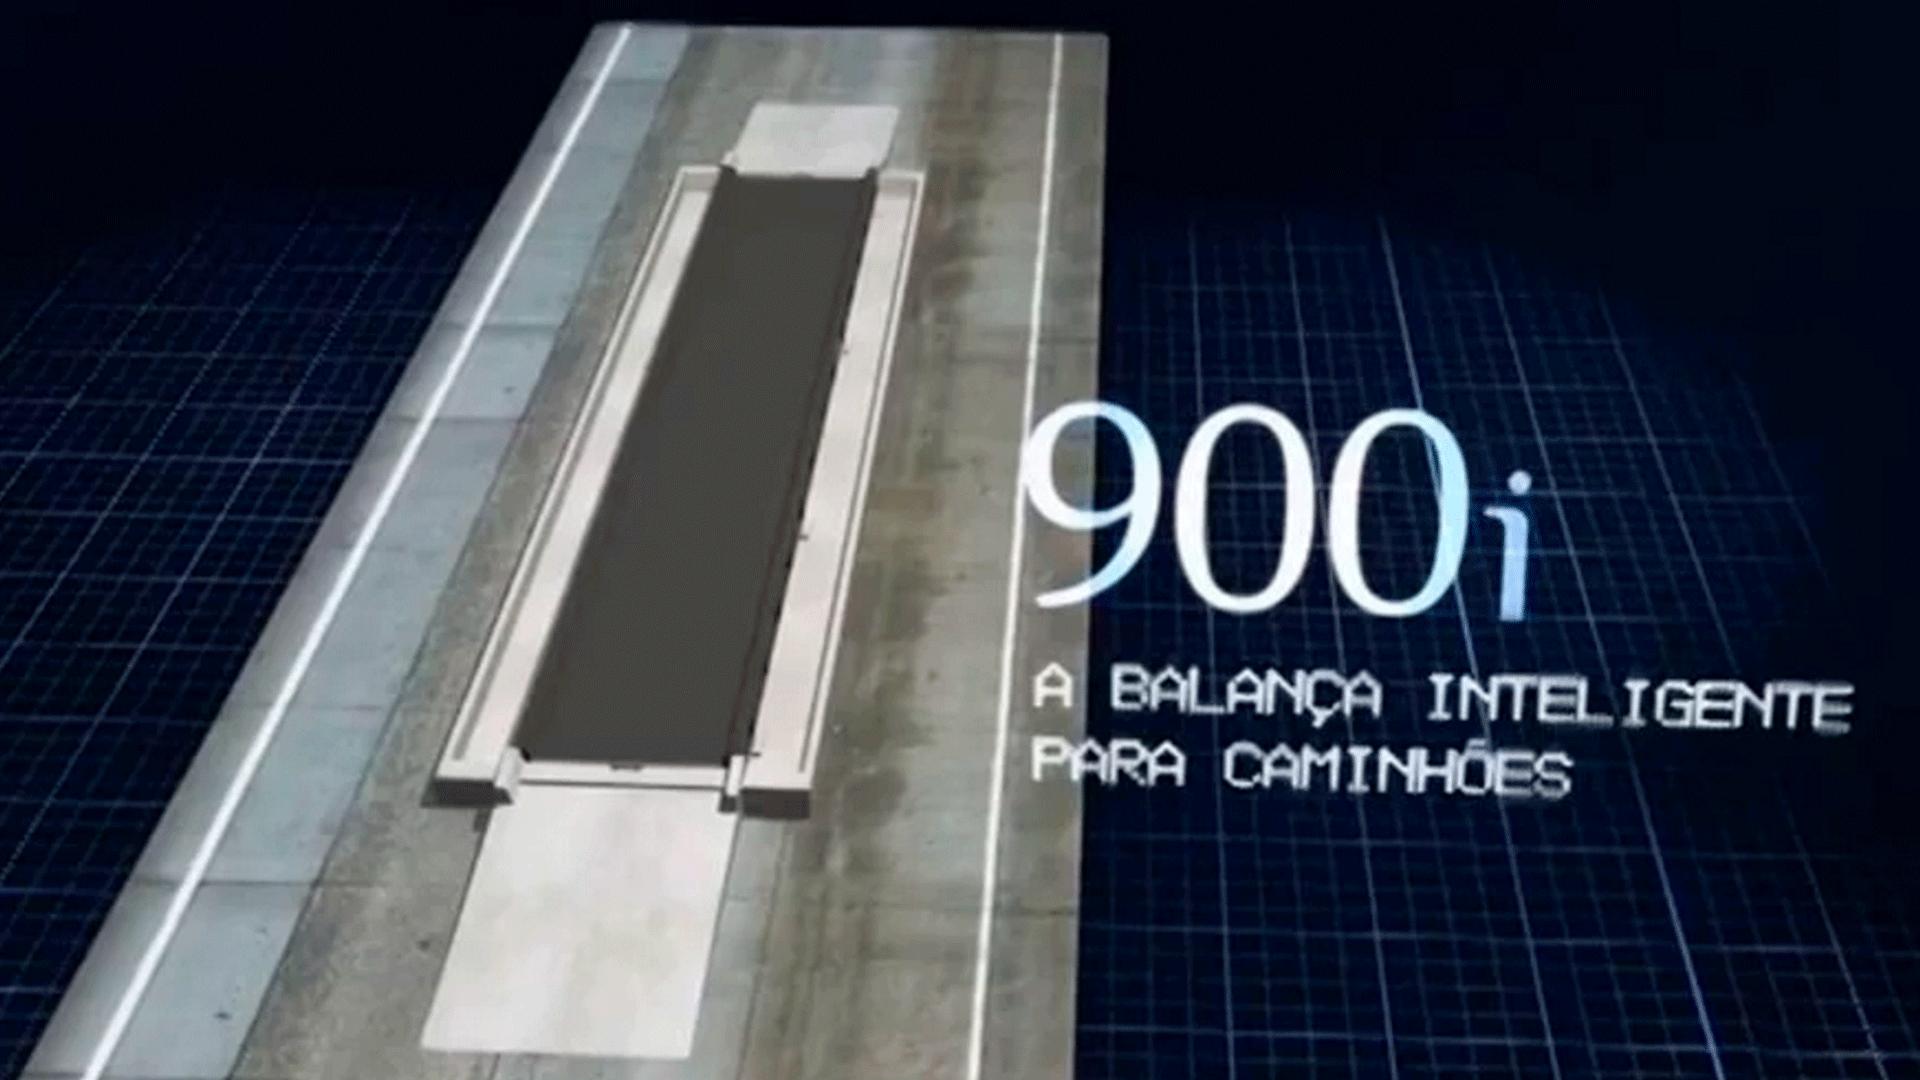 900i. A balança inteligente para caminhões